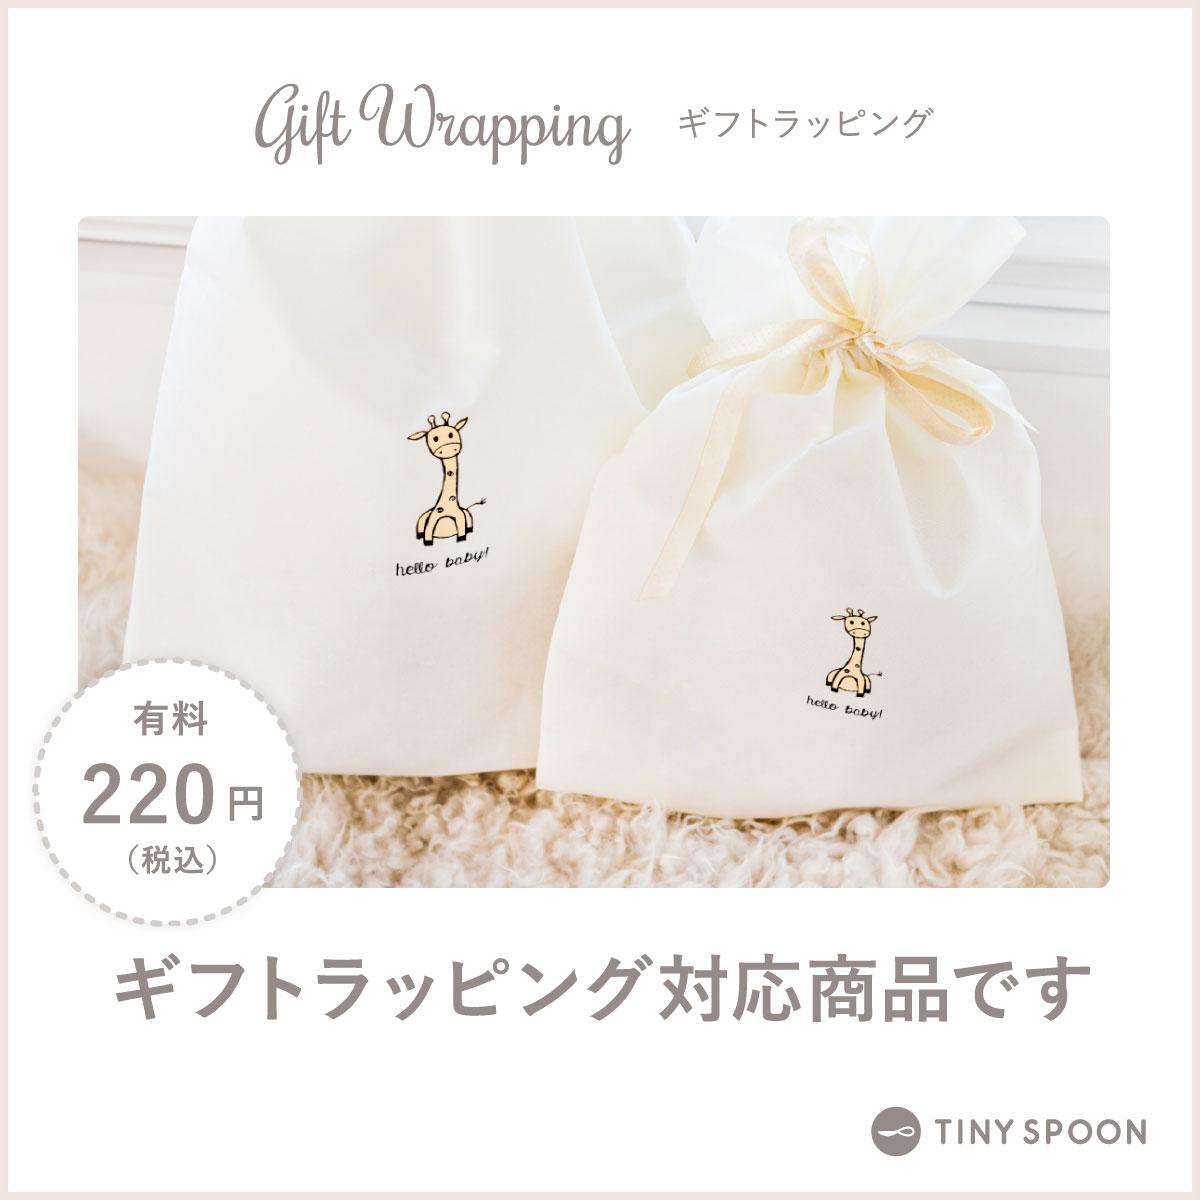 有料・ギフトラッピング Tinyspoon オリジナル 巾着バック 《ギフトラッピングはこちら》 ギフトラッピング オリジナル 巾着バック (有料) ※単品購入不可 Tinyspoonオリジナル ギフト 出産祝い